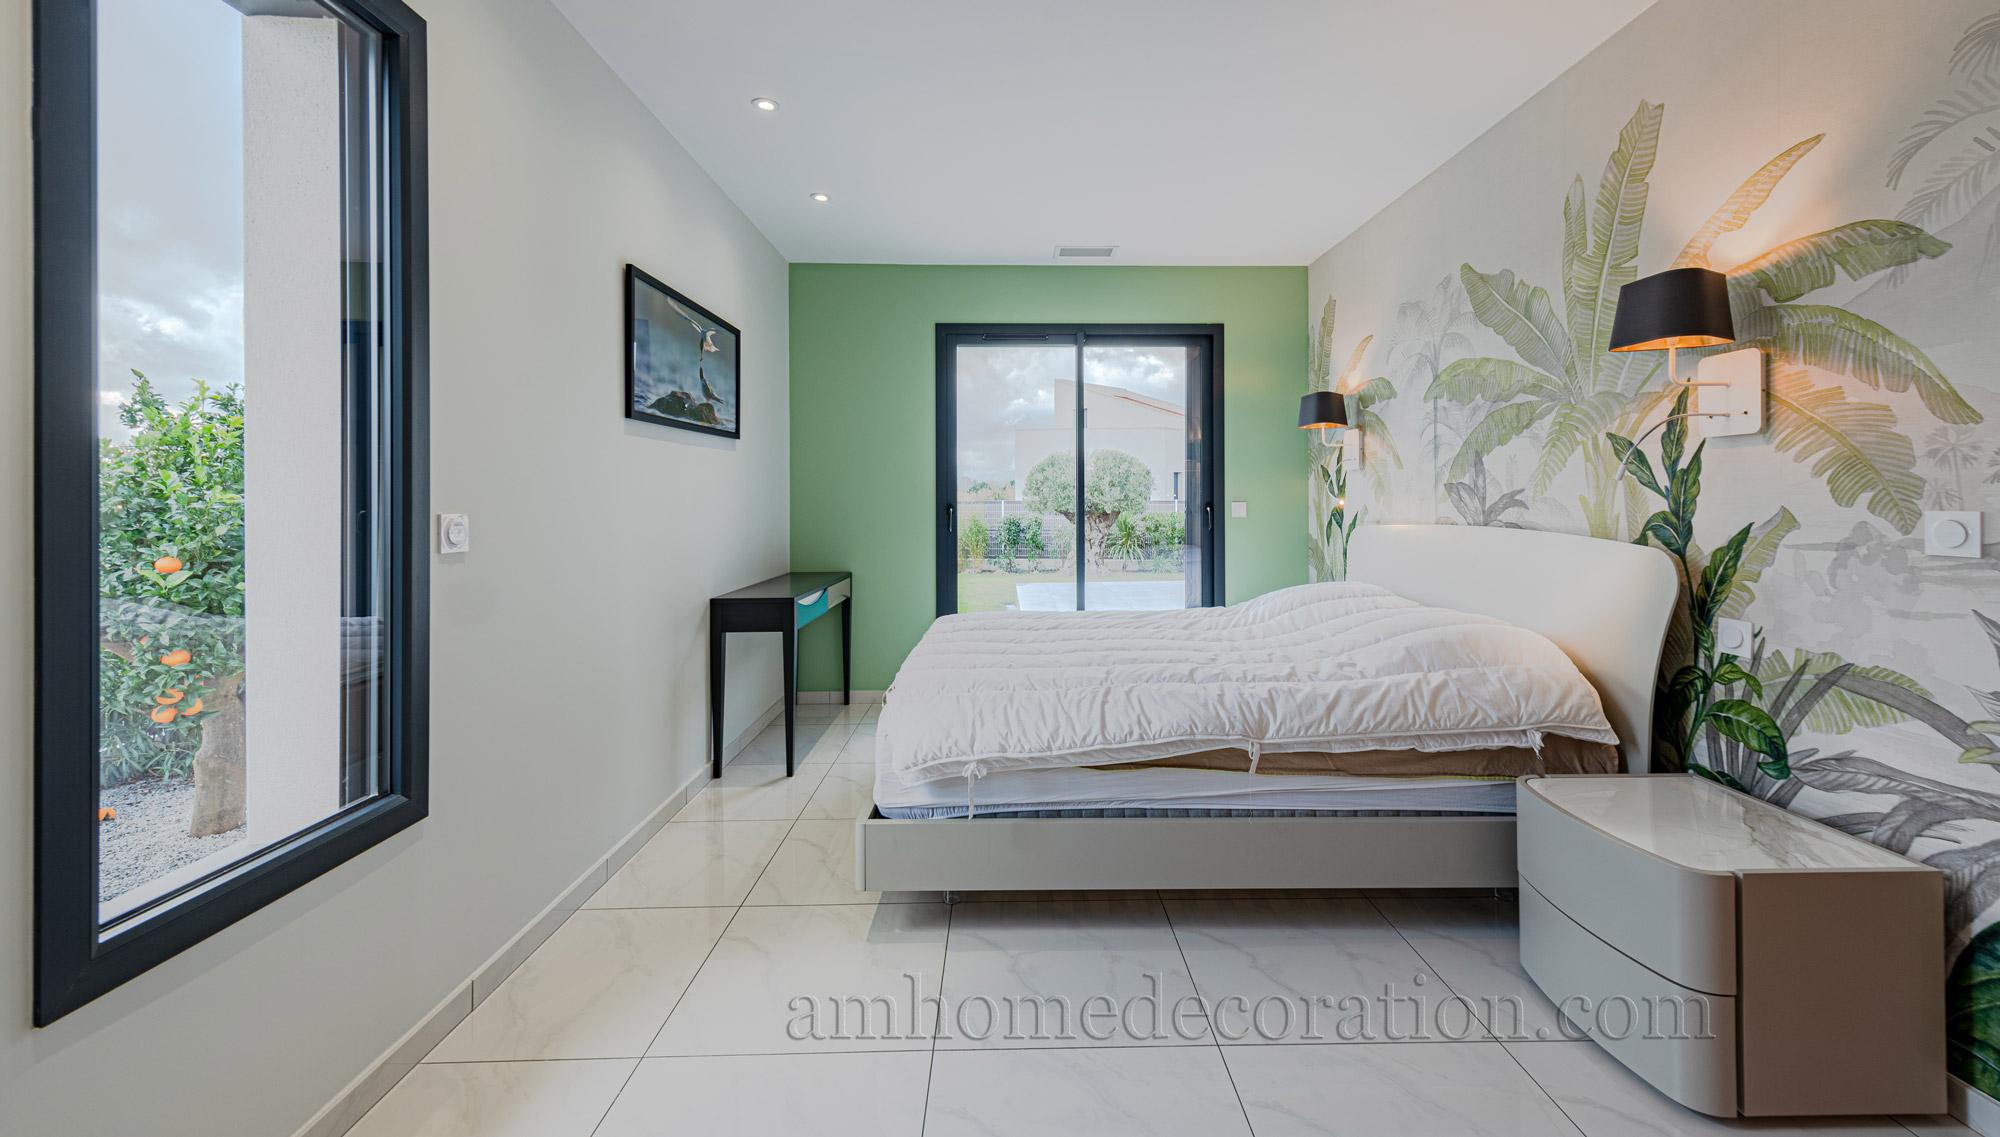 amhomedecoration-saint-cyprien-annemariewime-26